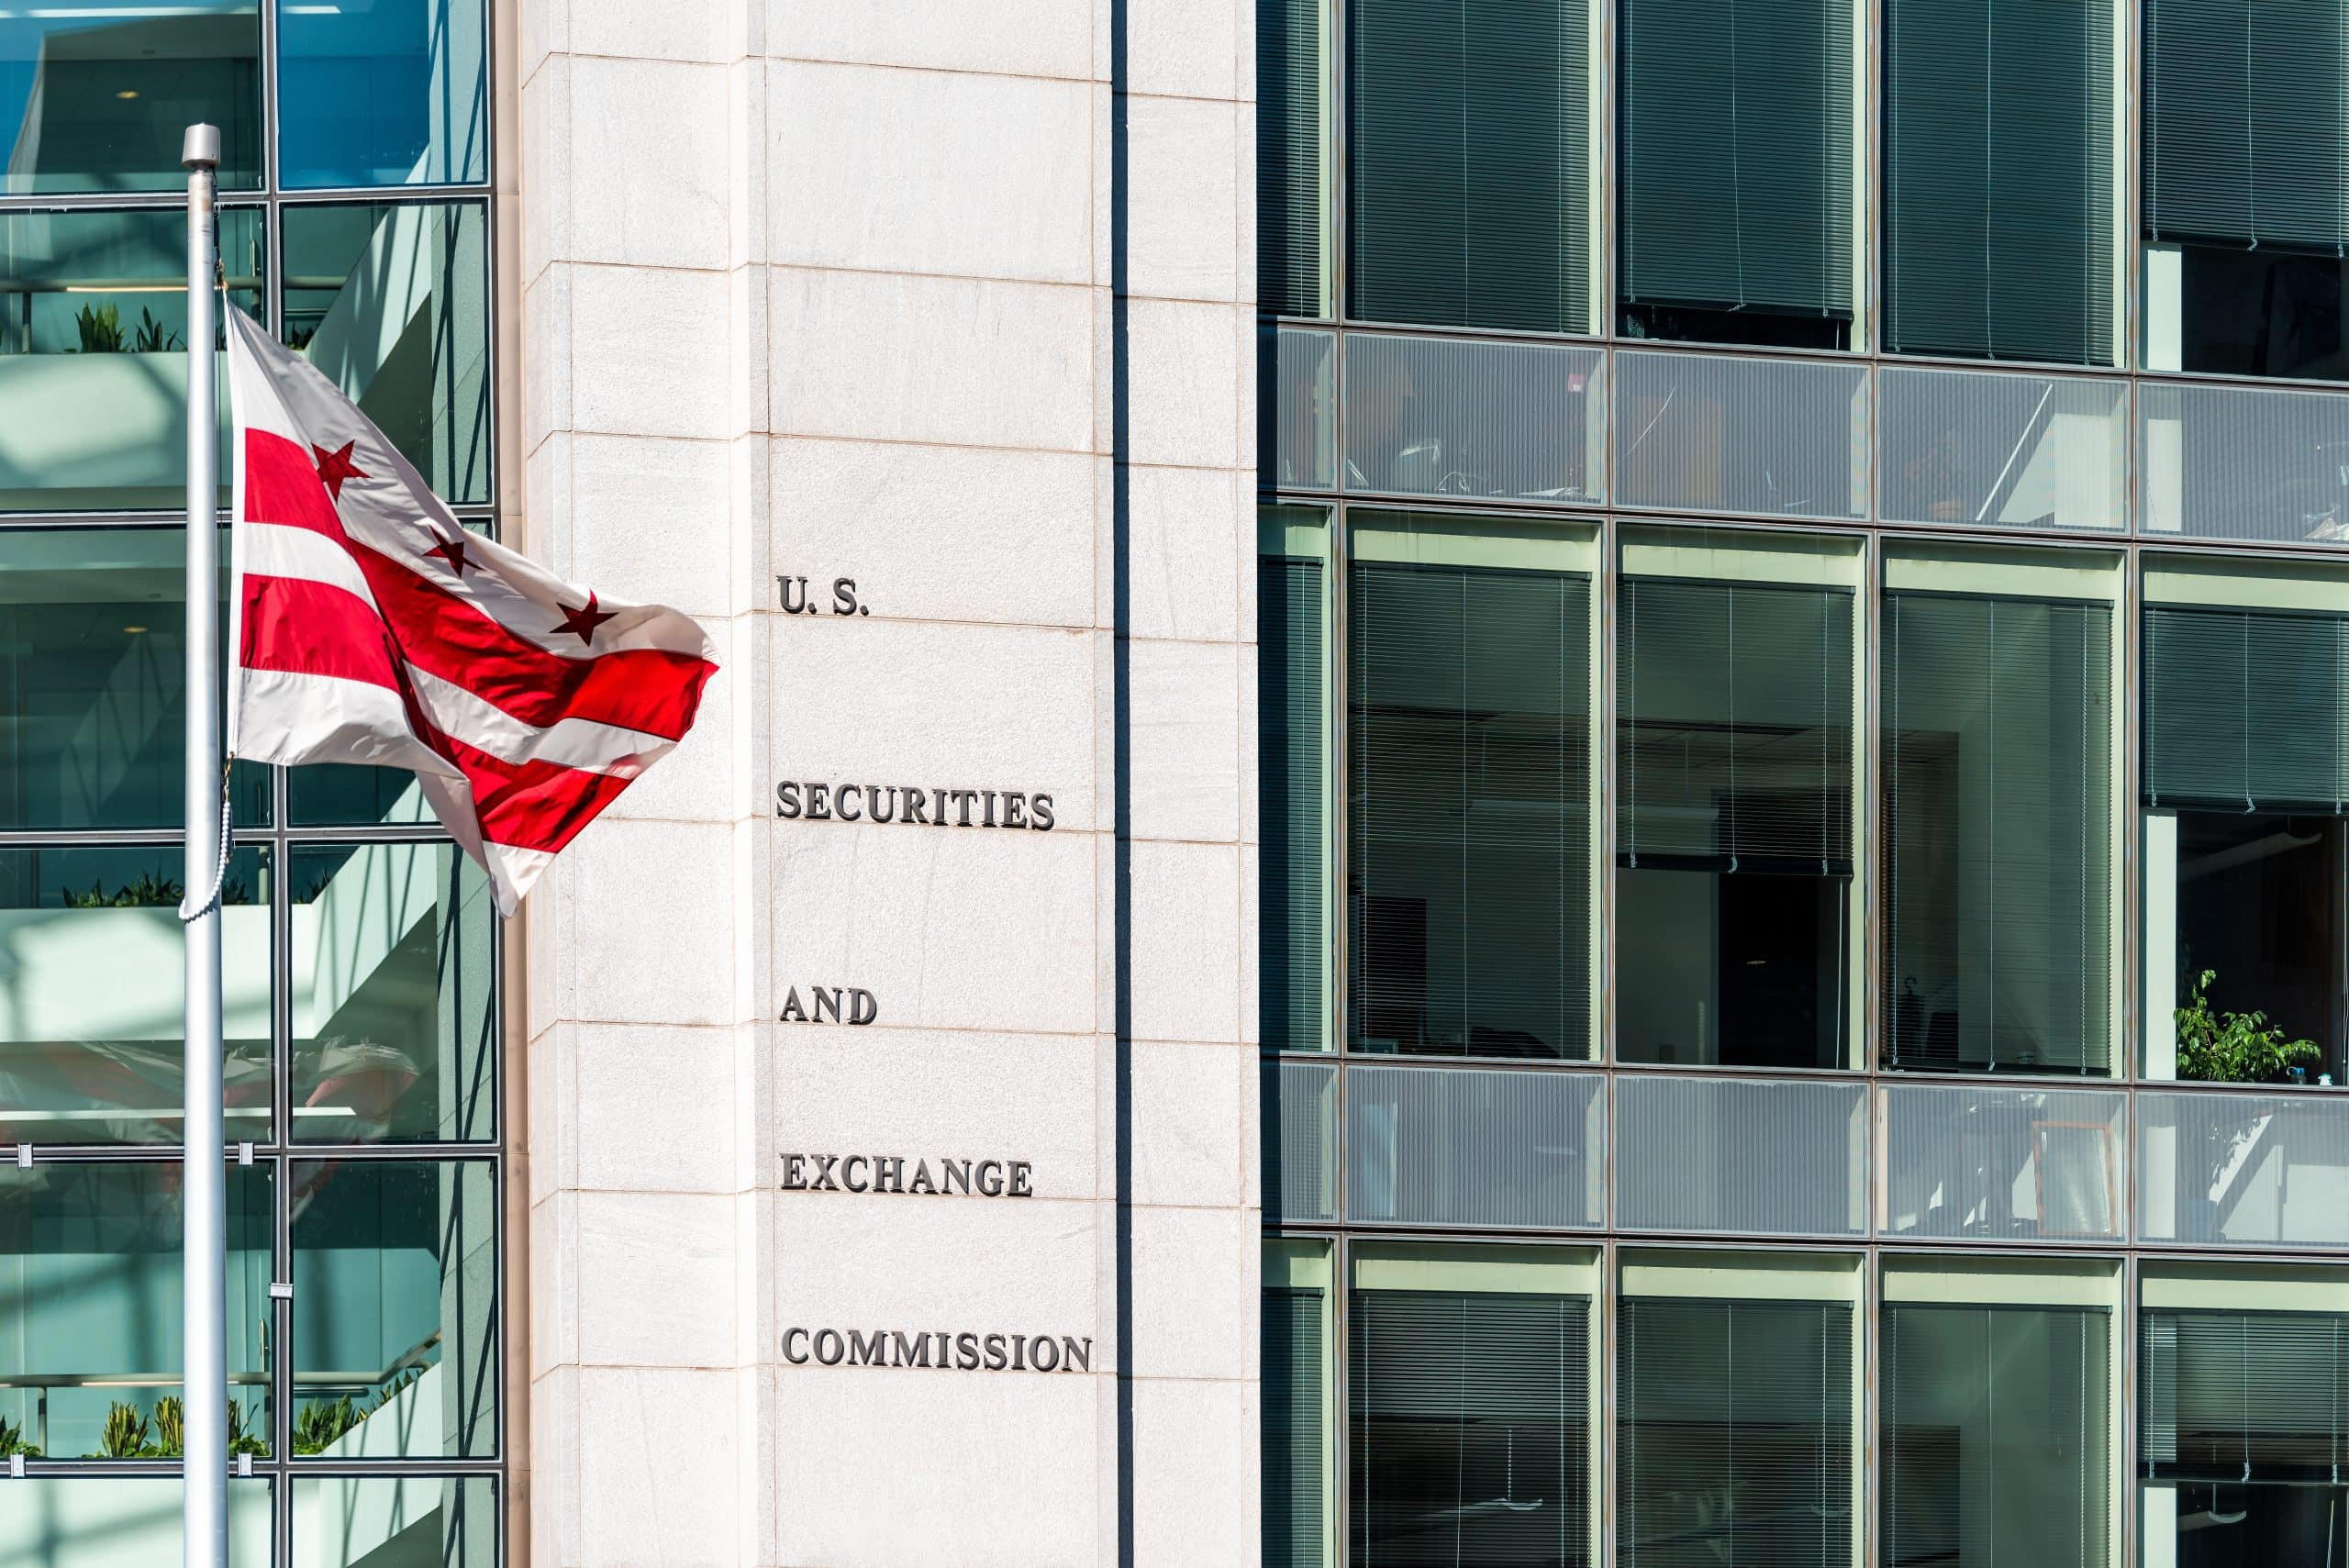 SEC gibt wohl erstem Bitcoin ETF grünes Licht | BTC-ECHO